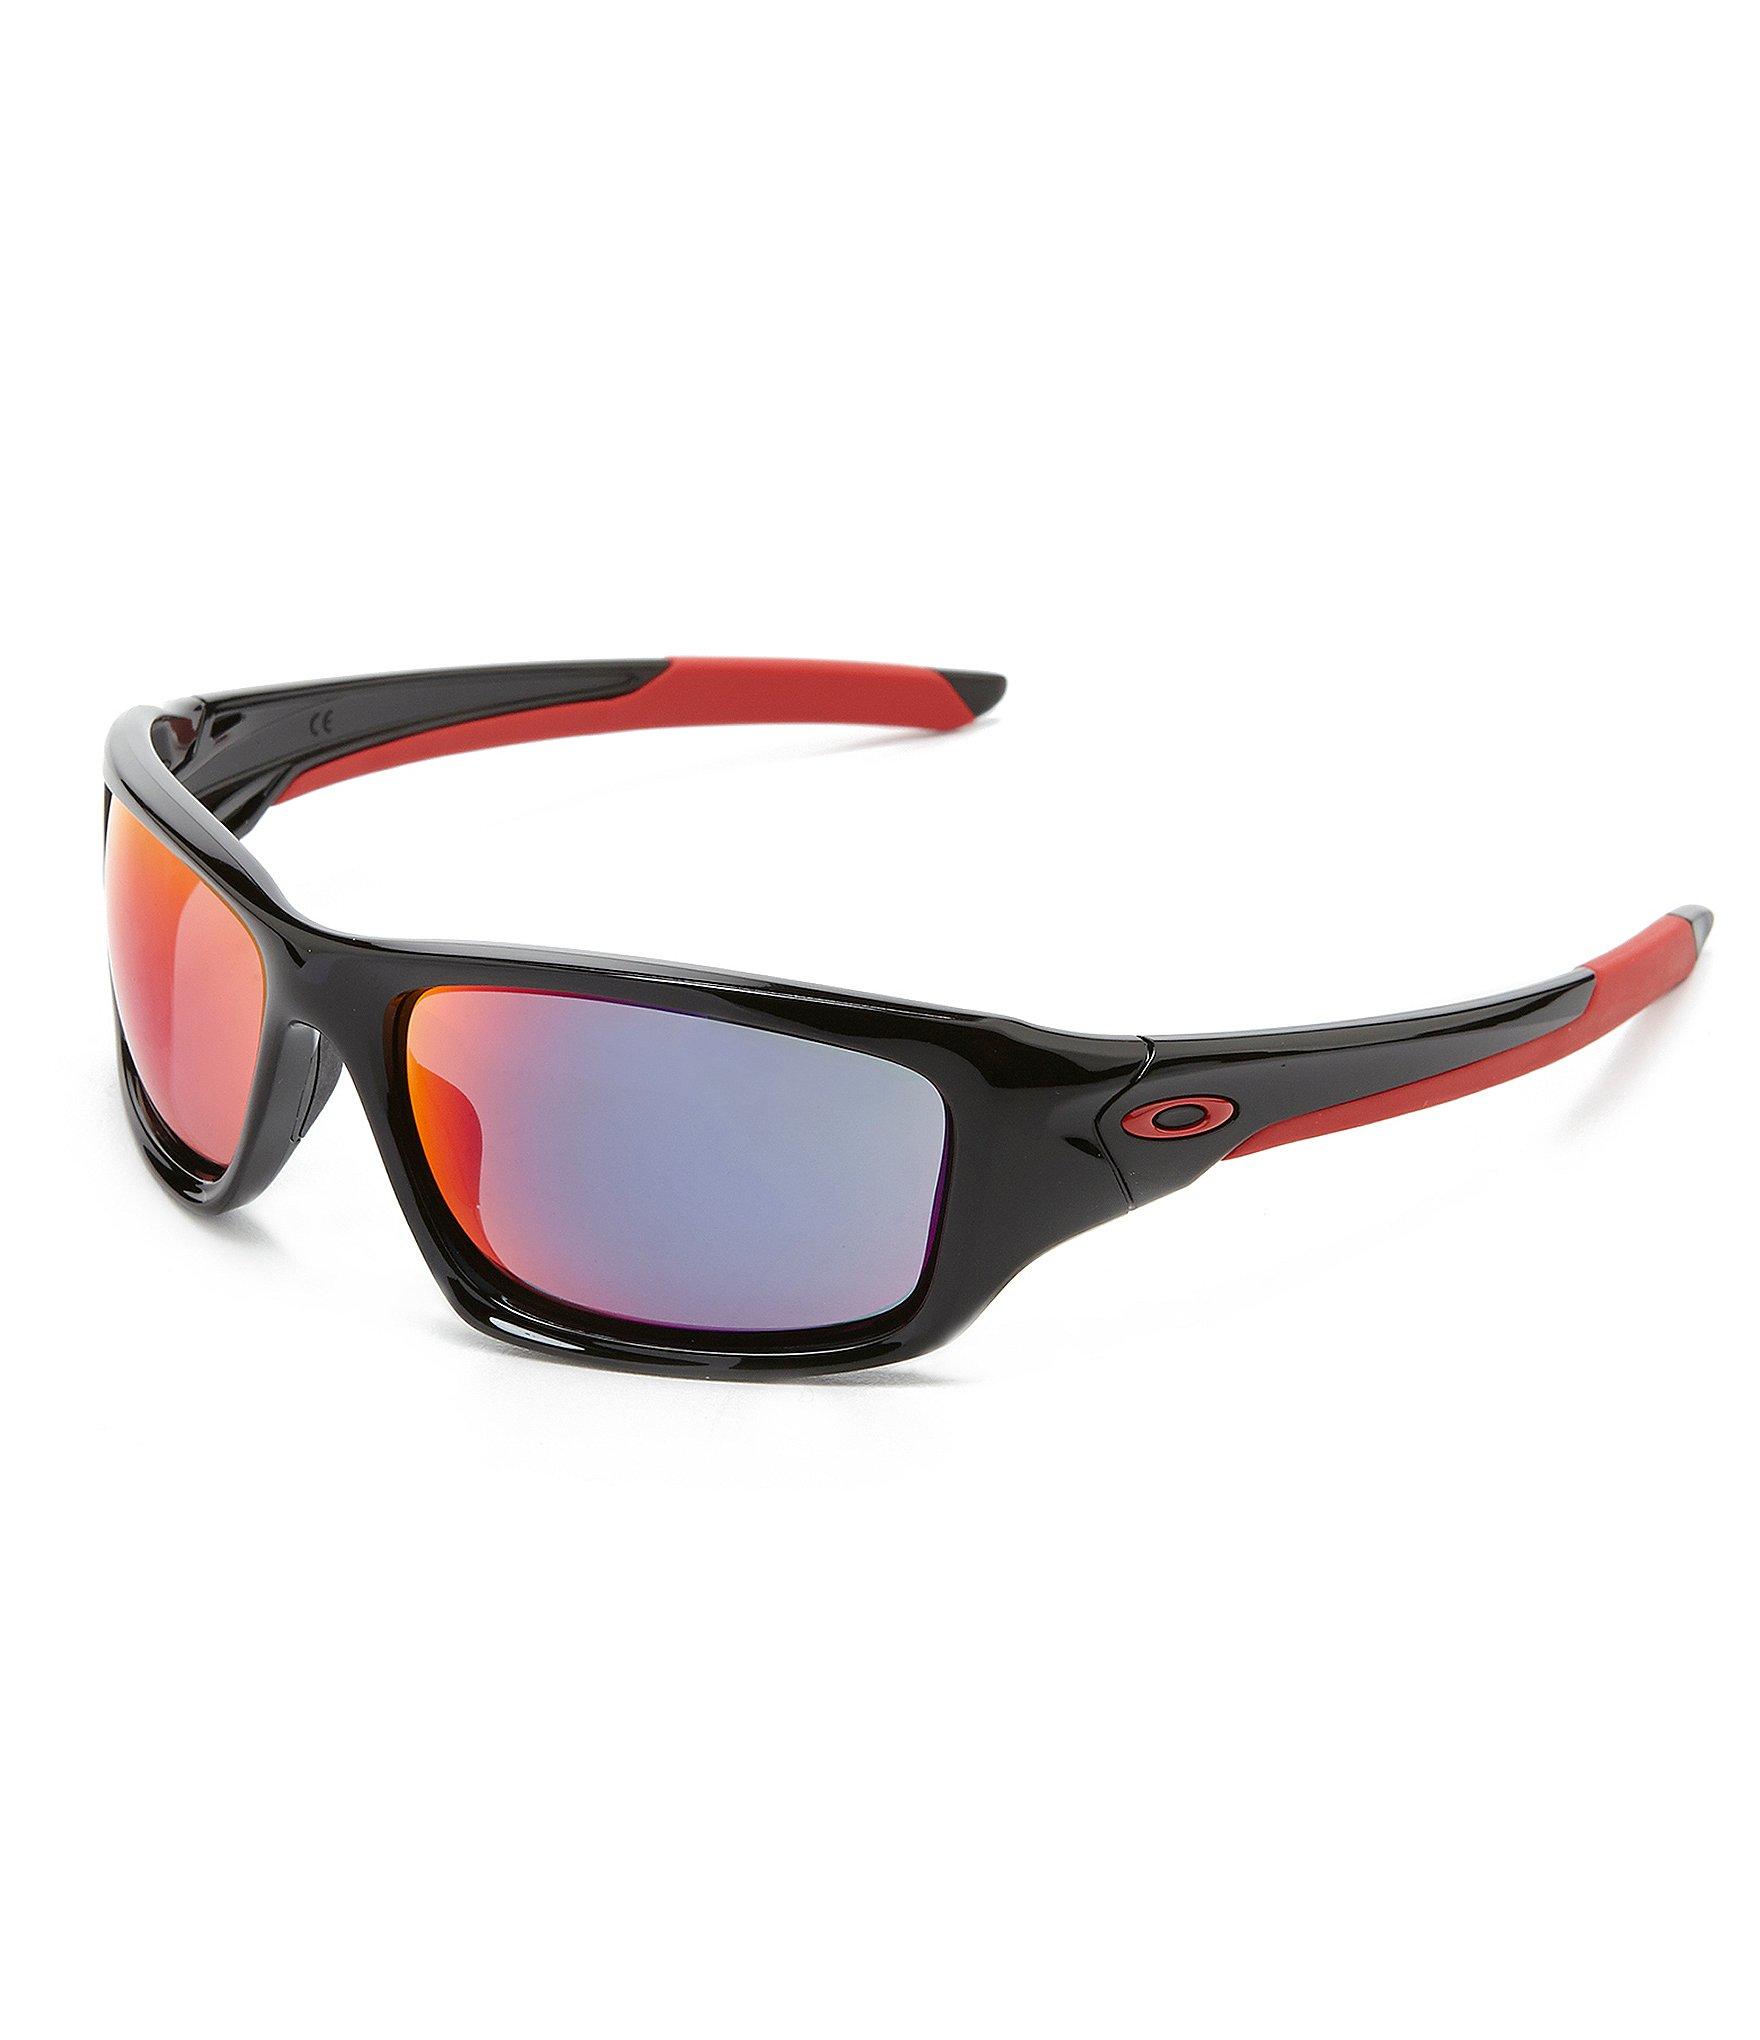 b20911e60f Oakley Valve Sunglasses Sale « Heritage Malta